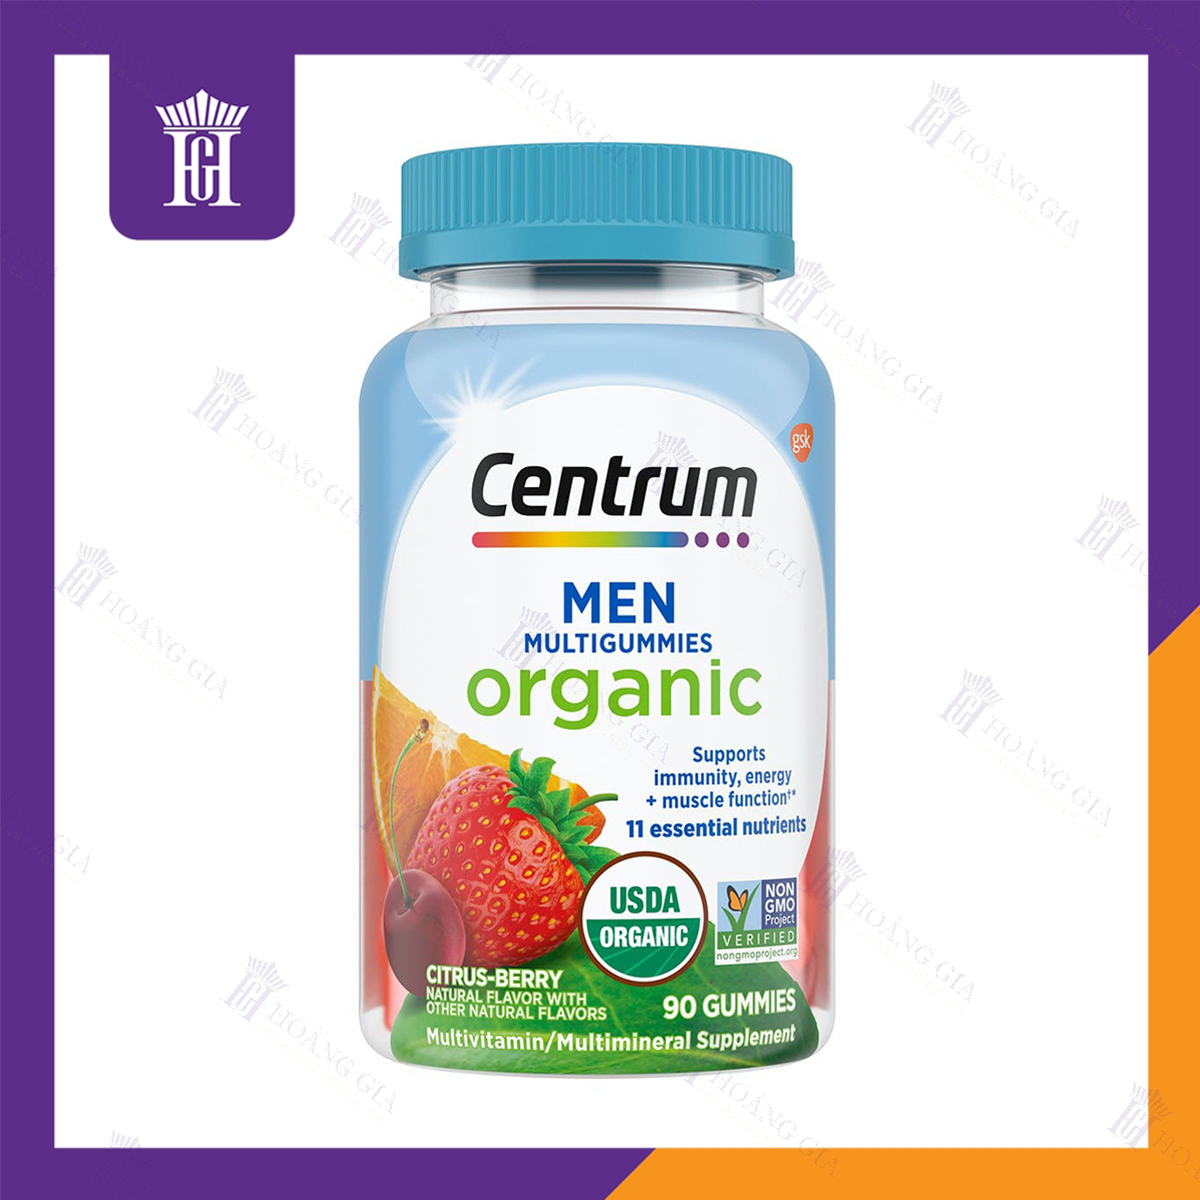 Vitamin tổng hợp hữu cơ dành cho Nam - Centrum Organic Men Multigummies